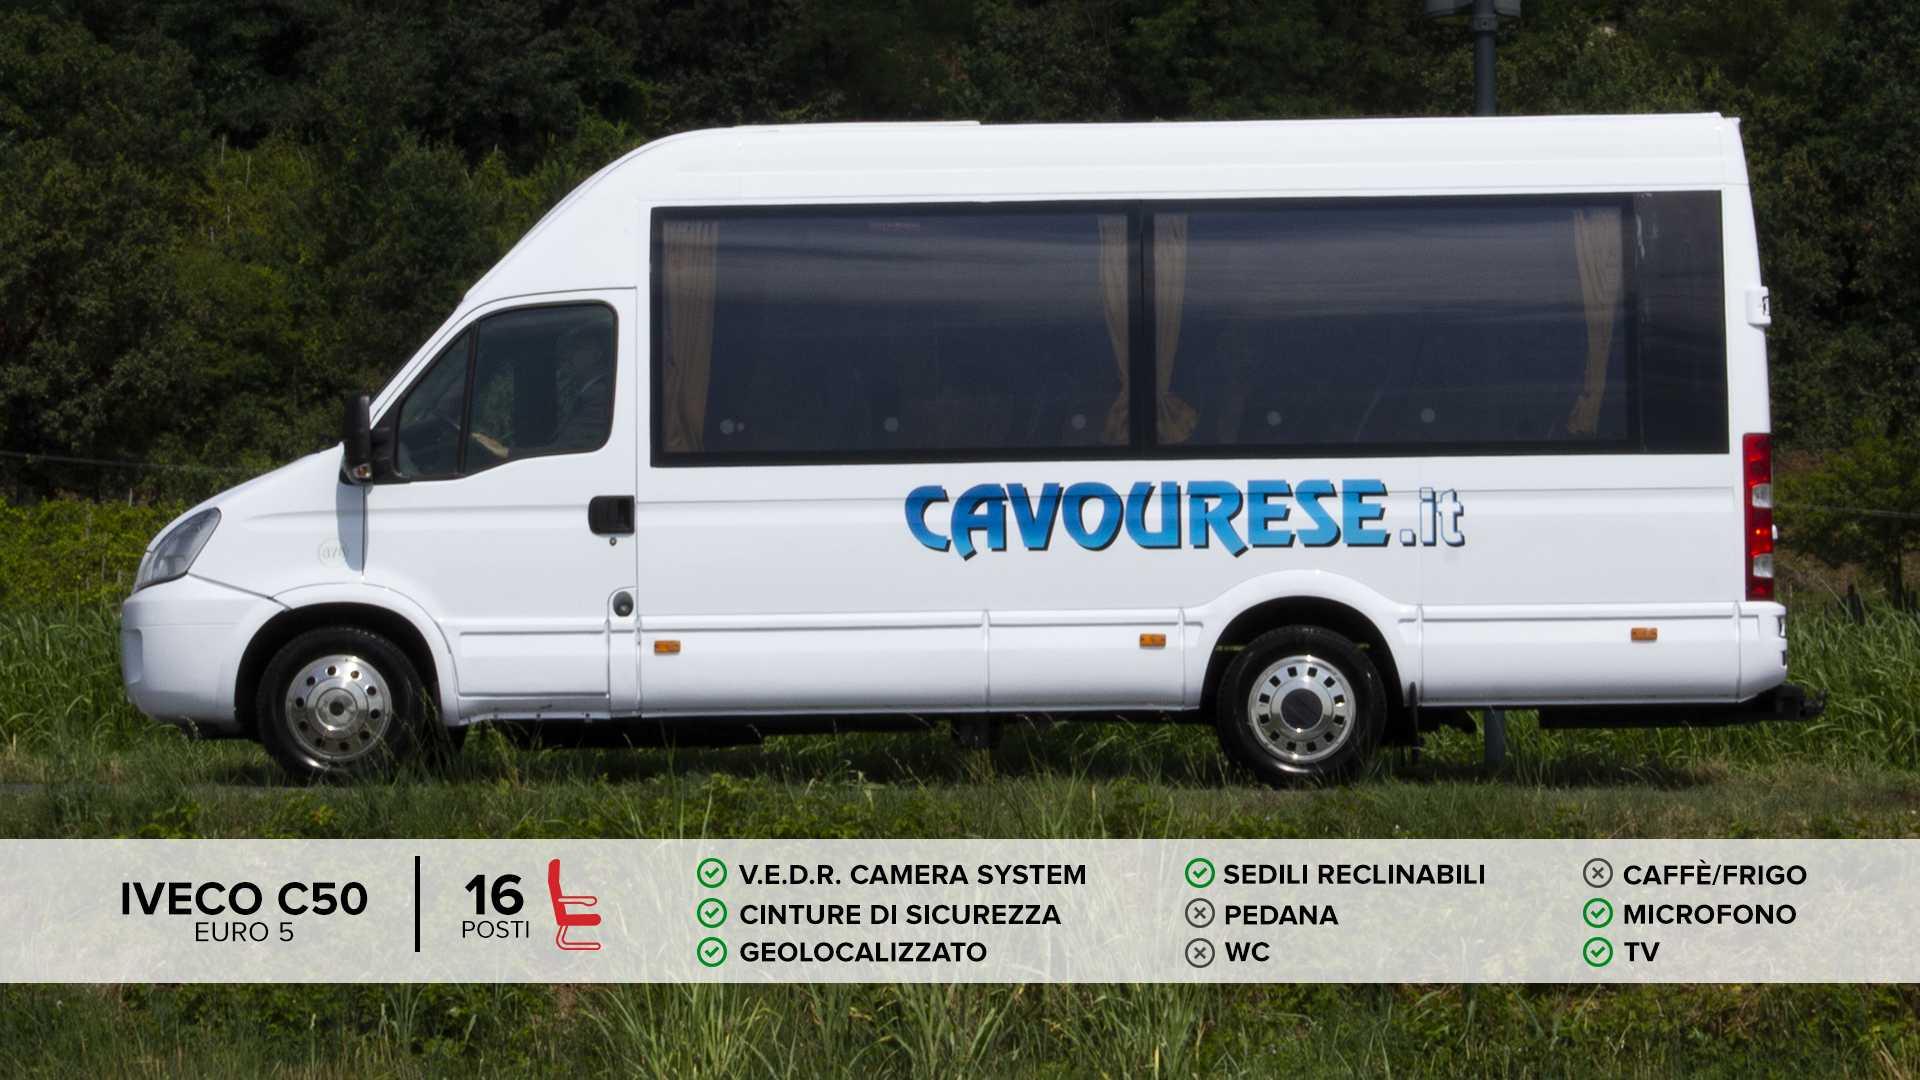 Iveco C50